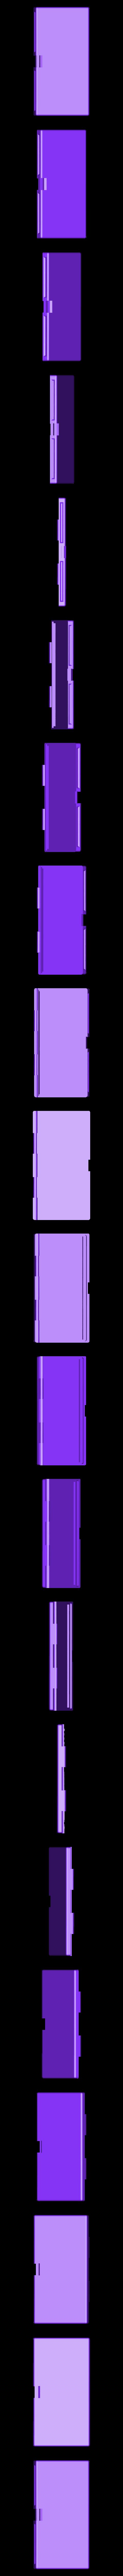 pudelko1_gora.stl Télécharger fichier STL gratuit Juste une autre BOX (ma version) • Modèle imprimable en 3D, kpawel